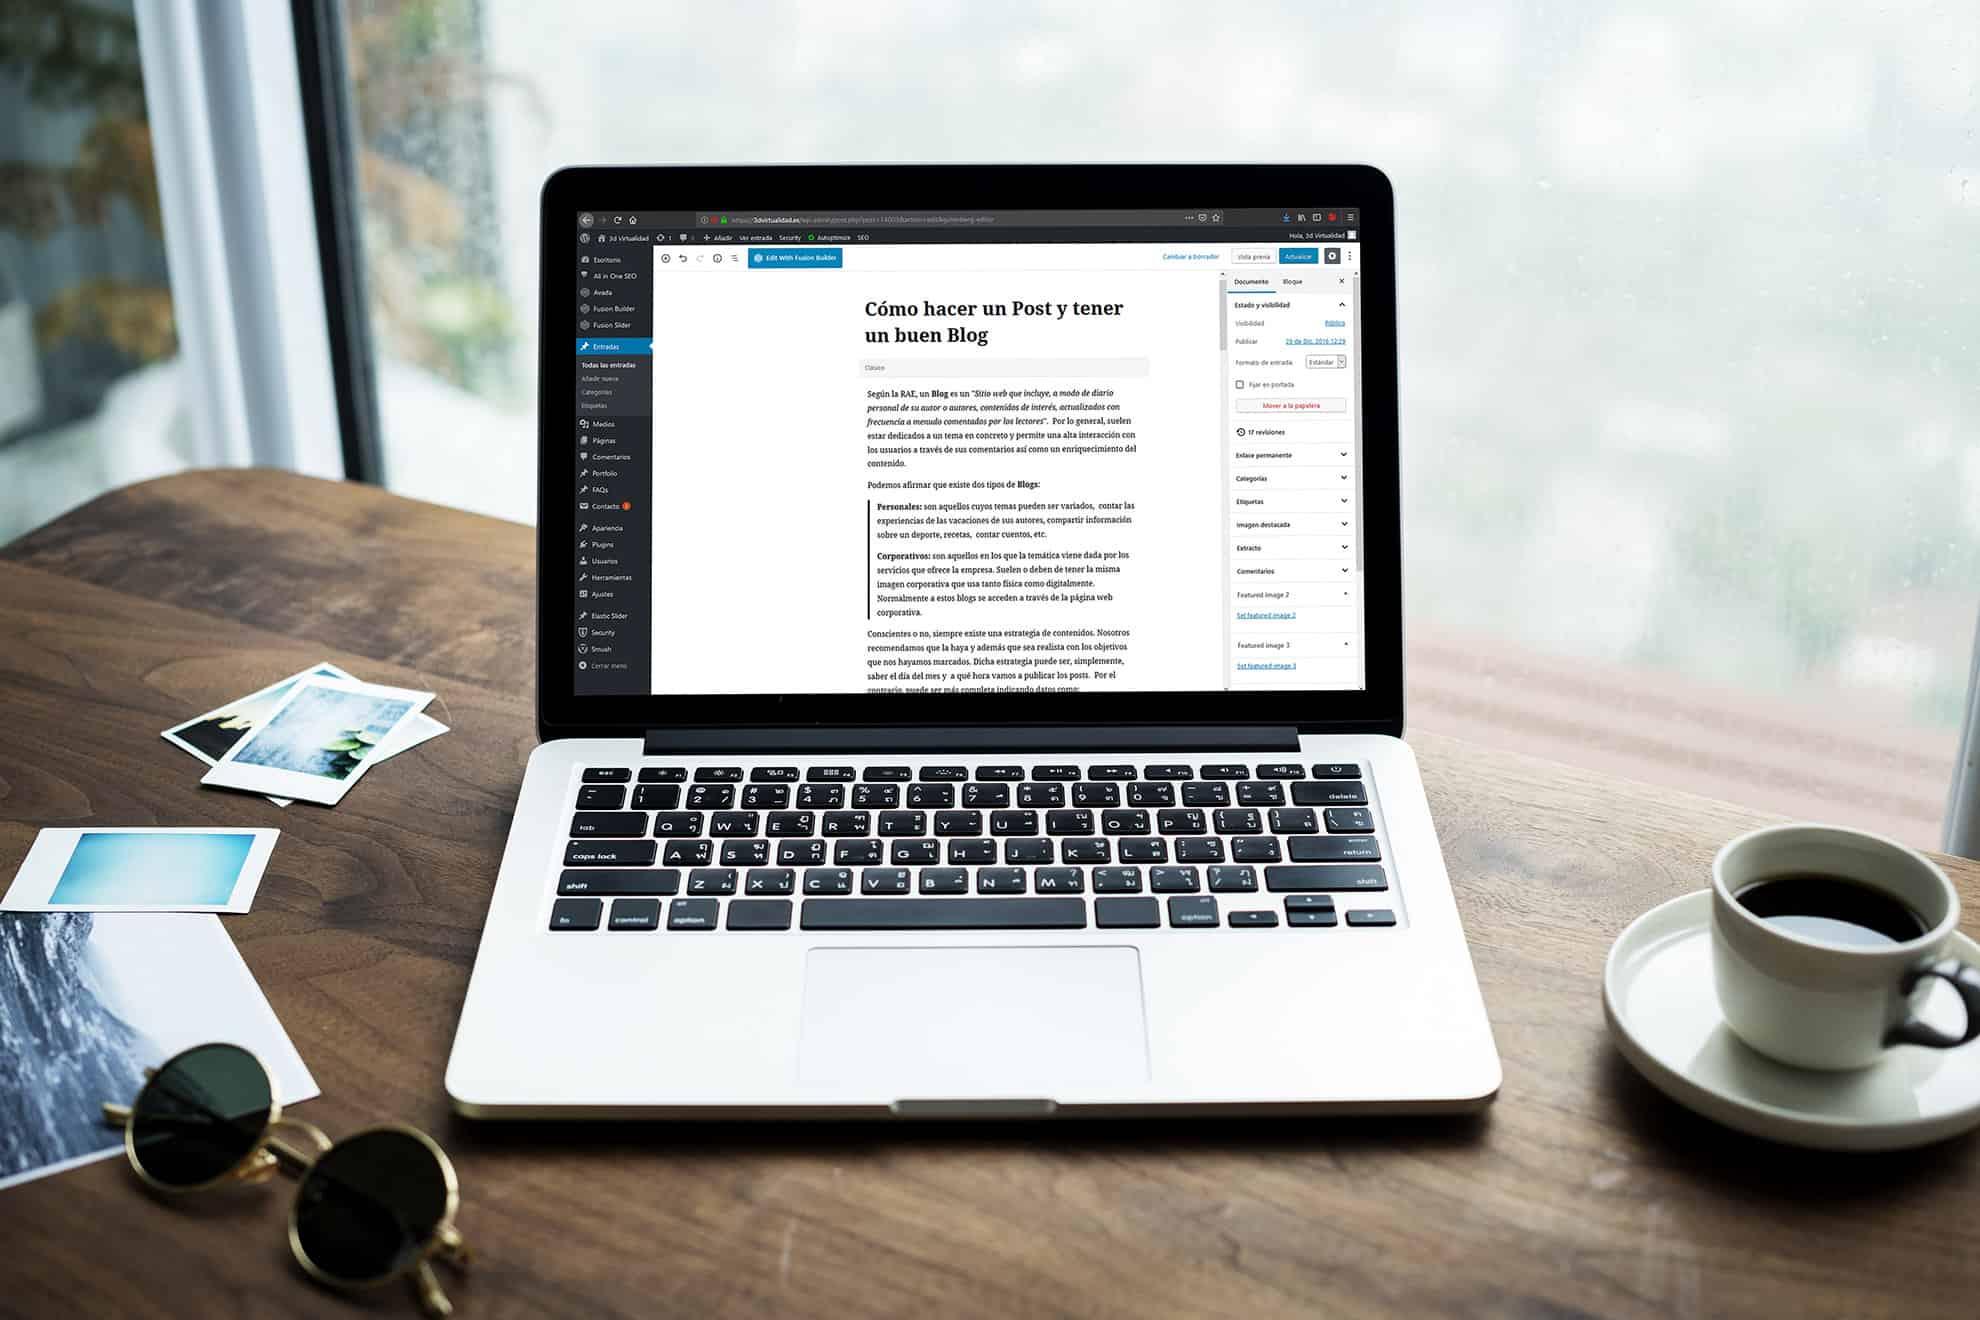 Te actualizamos el Blog al nuevo editor Gutenberg - 3dV